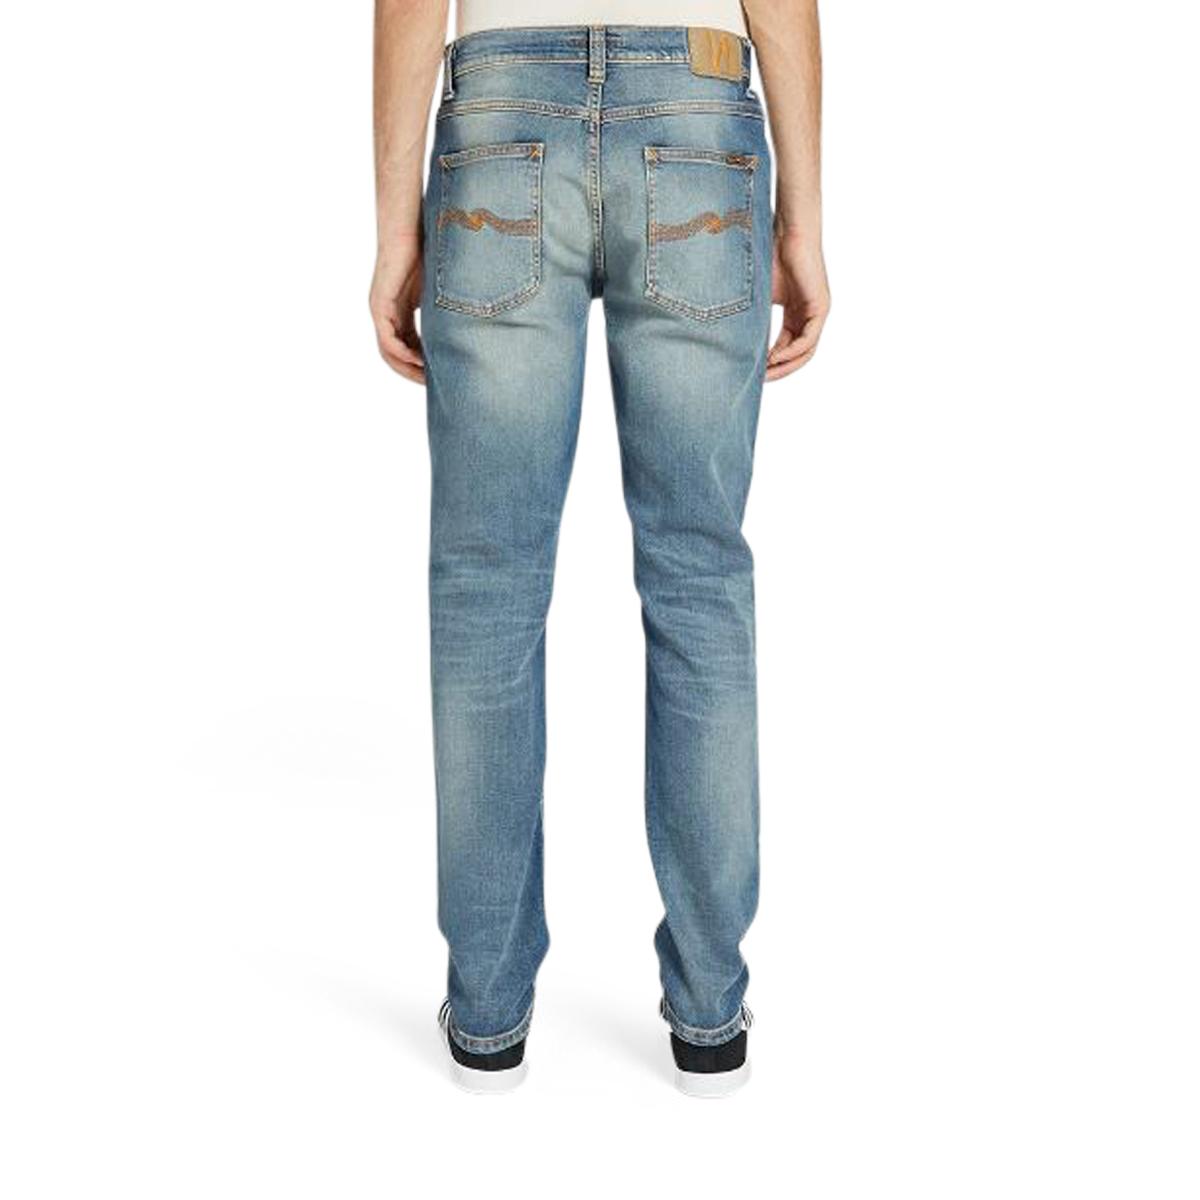 Nudie Jeans Co Lean Dean Repairs L32